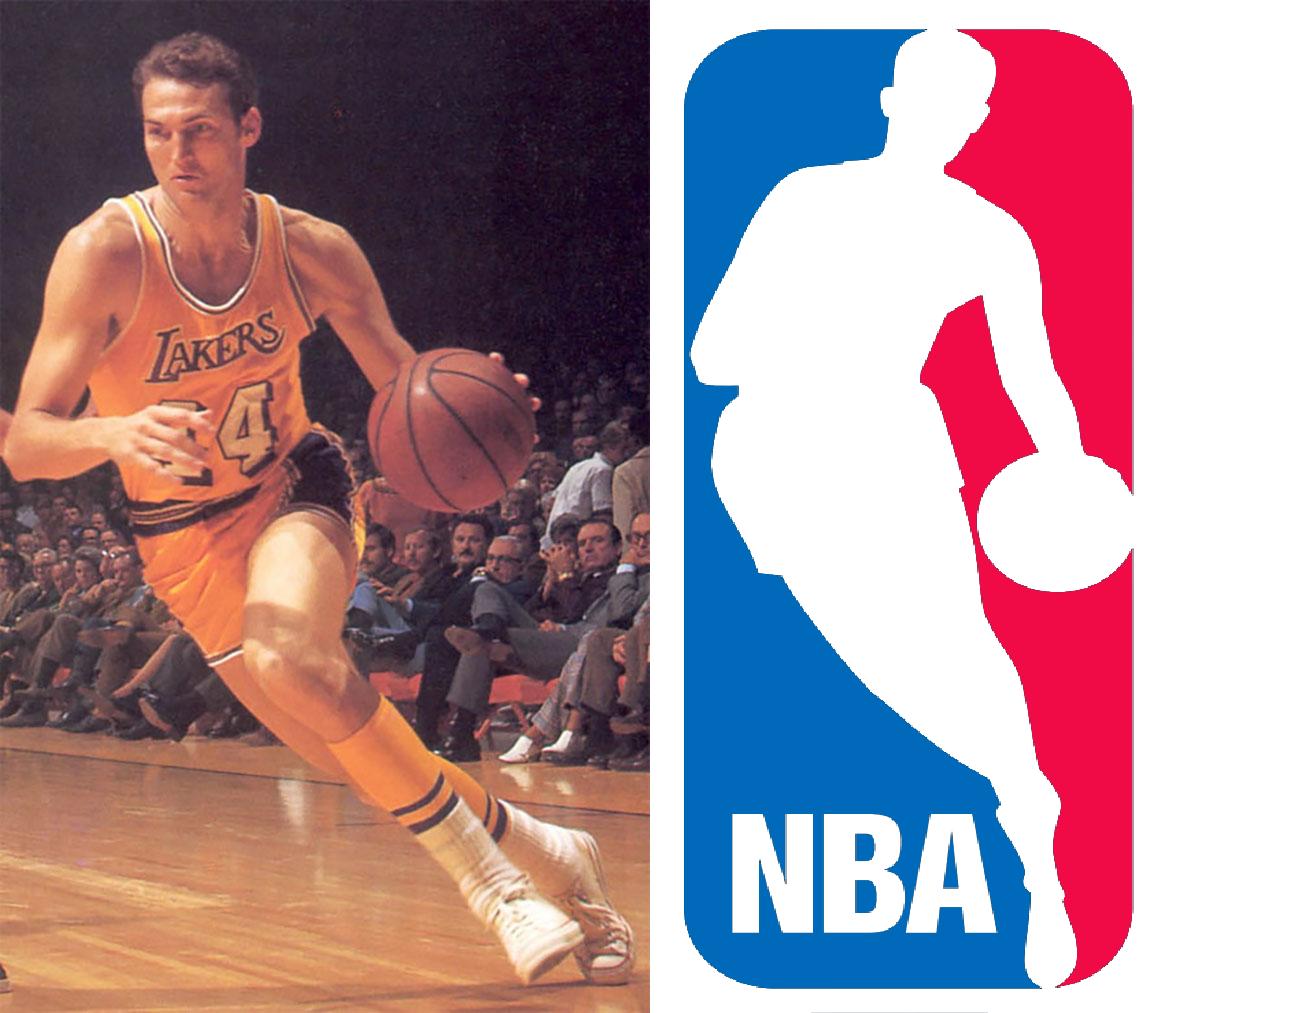 الرياضة في أمريكا: الدوري الأمريكي لكرة السلة NBA